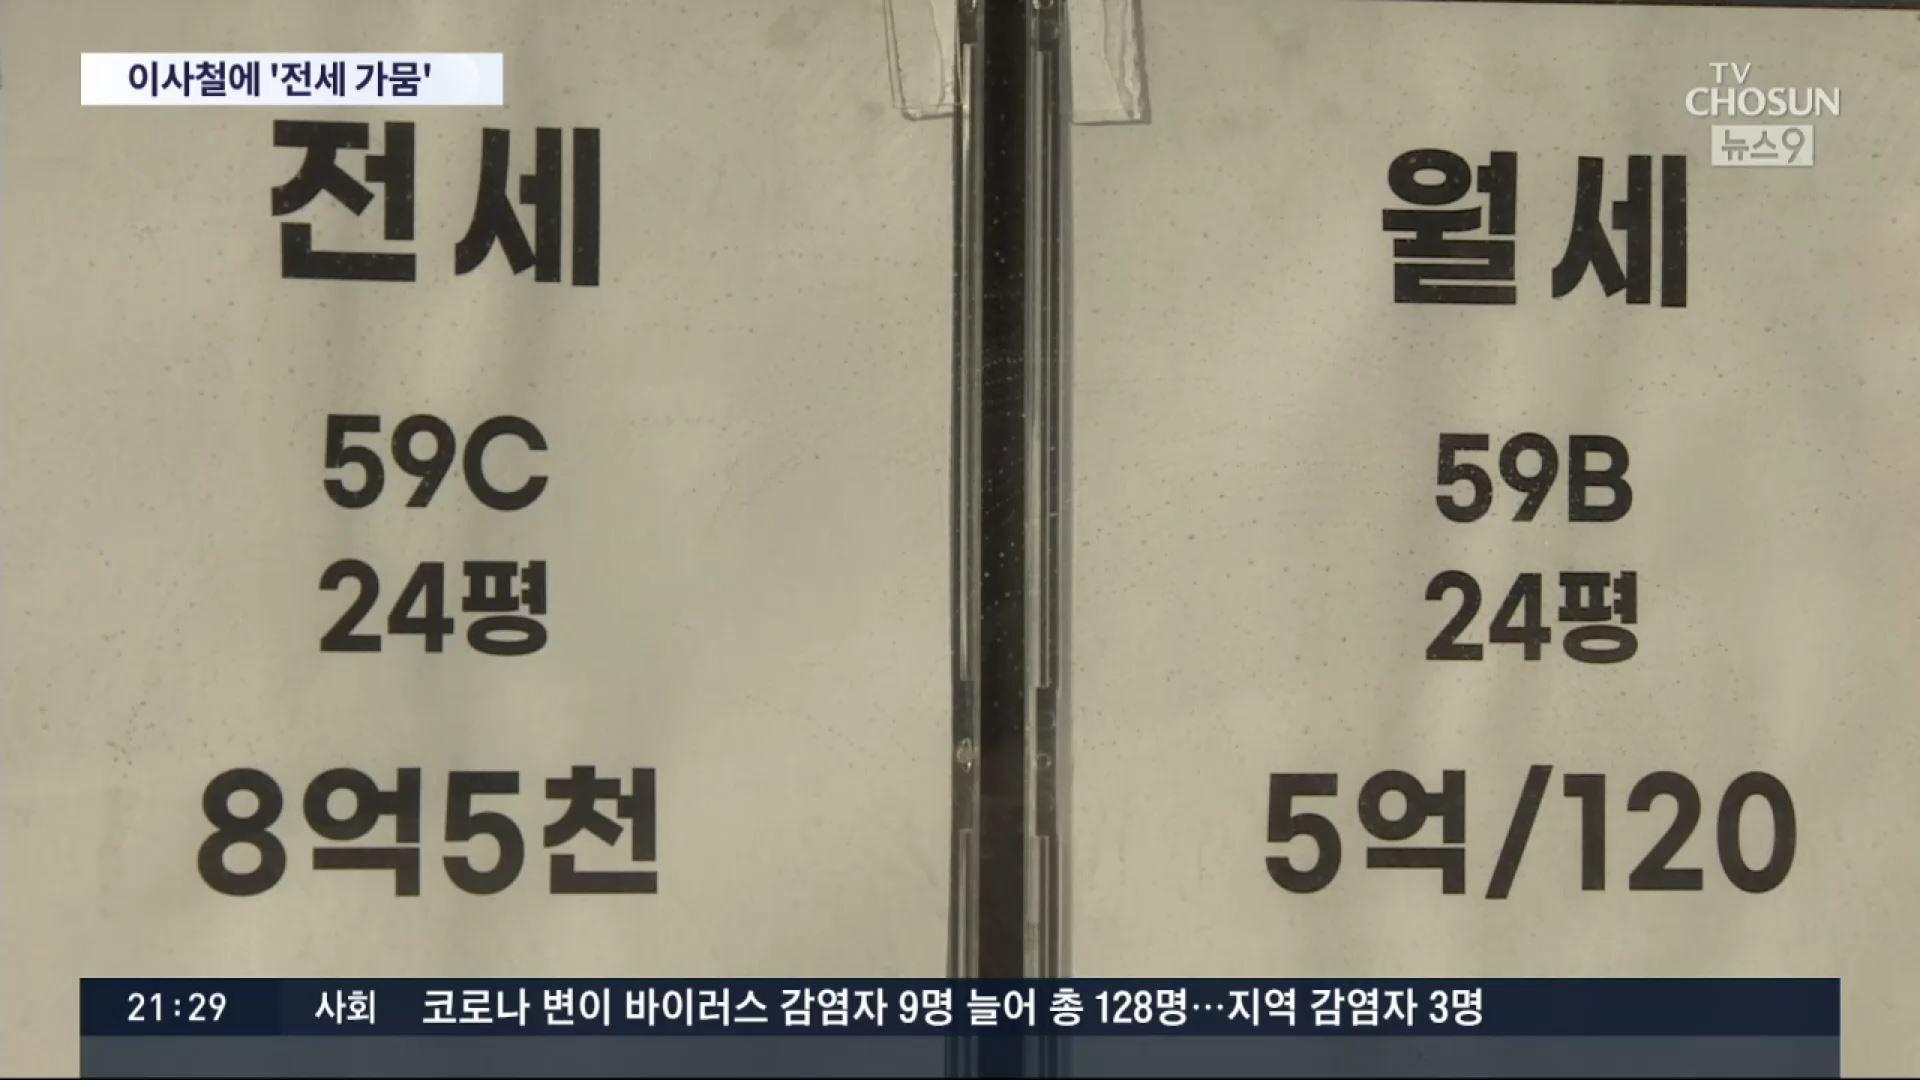 서울 다음달 입주물량 2개 단지뿐…이사철 '전세난' 우려